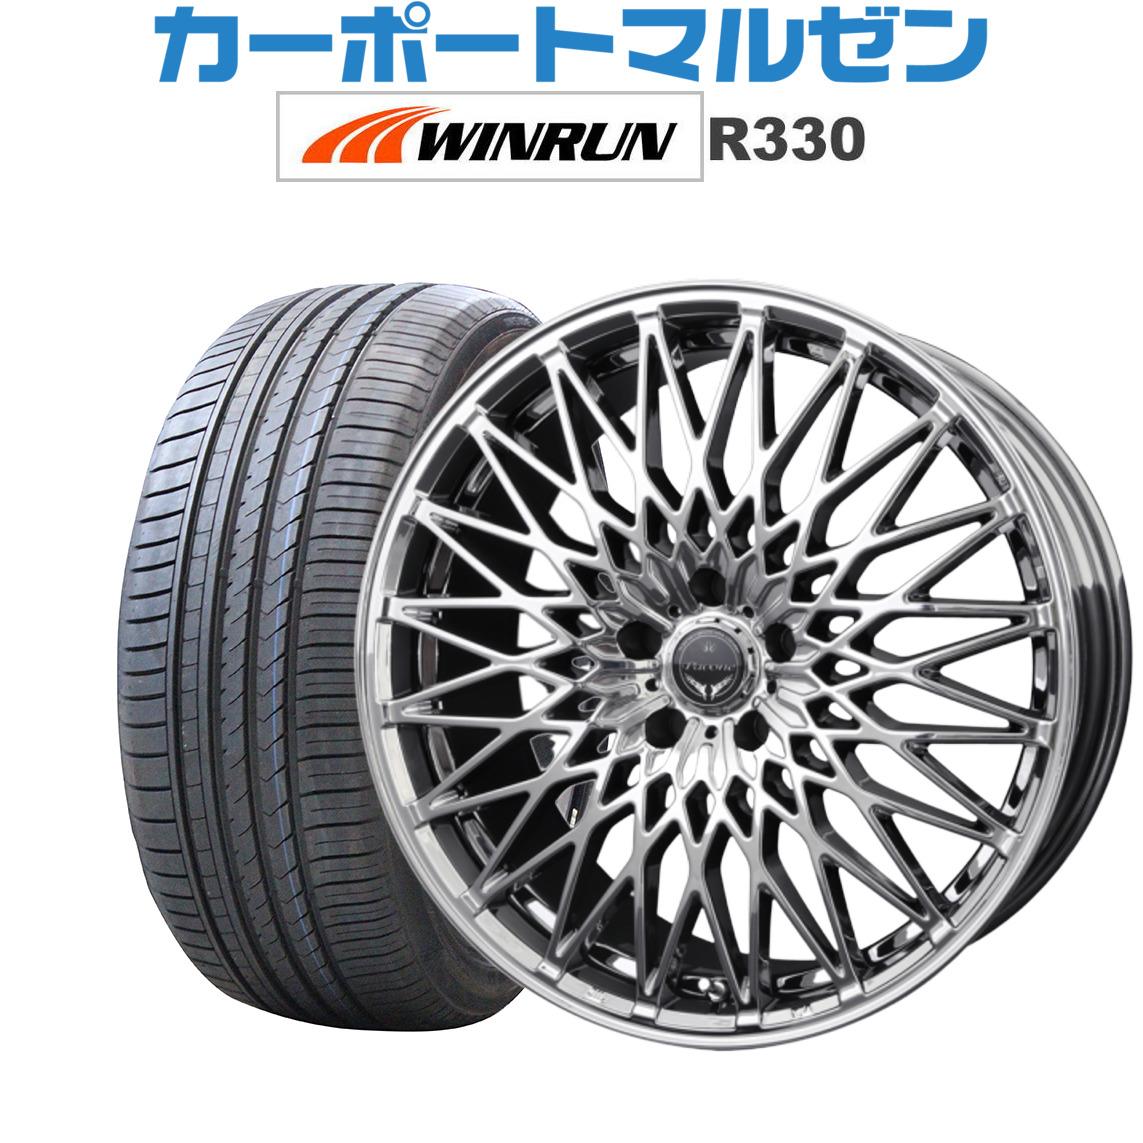 夏セール開催中 MAX80%OFF! 新品・送料無料・4本セットBADX ロクサーニ パヴォーネSMC20インチ R330245/30R20 8.5JWINRUN ウインラン R330245/30R20 8.5JWINRUN ロクサーニ 95W XL, ハッピーサニーショップ:937df065 --- easyacesynergy.com